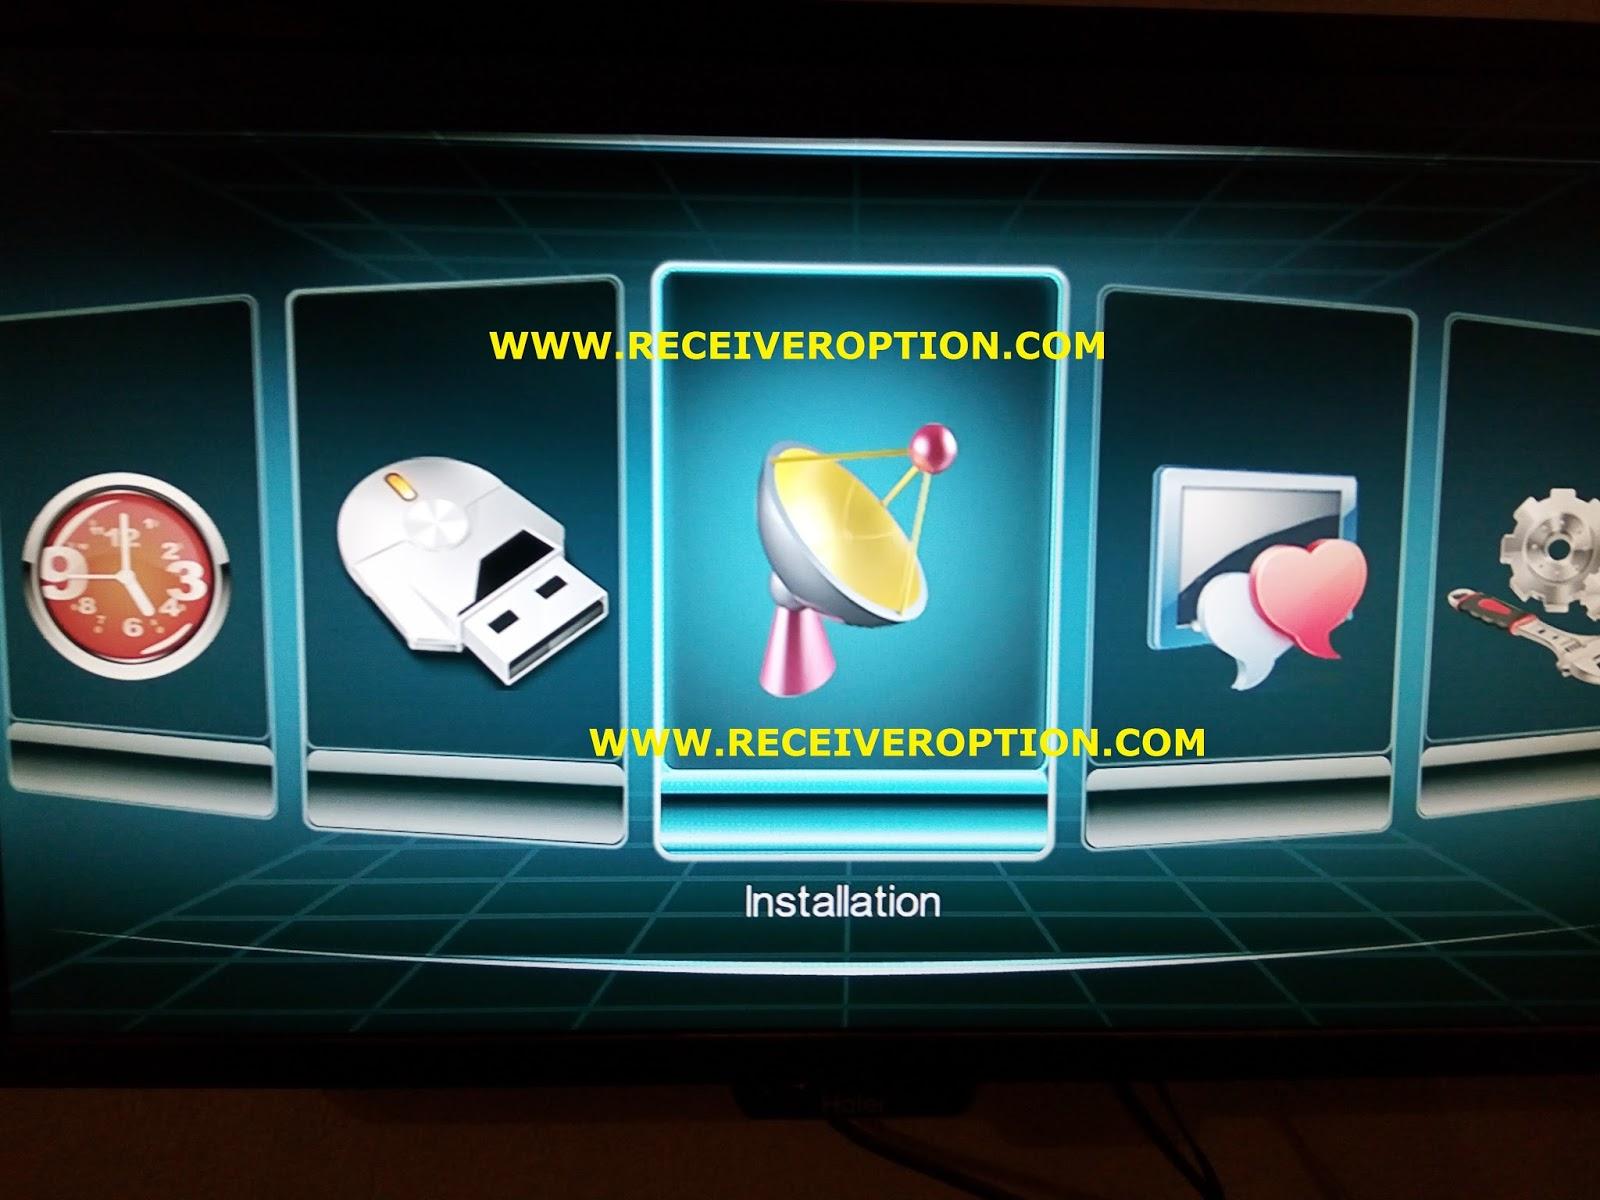 SUPER MAX SM 3000 HD 3G RECEIVER CCCAM OPTION - HOW TO ENTER